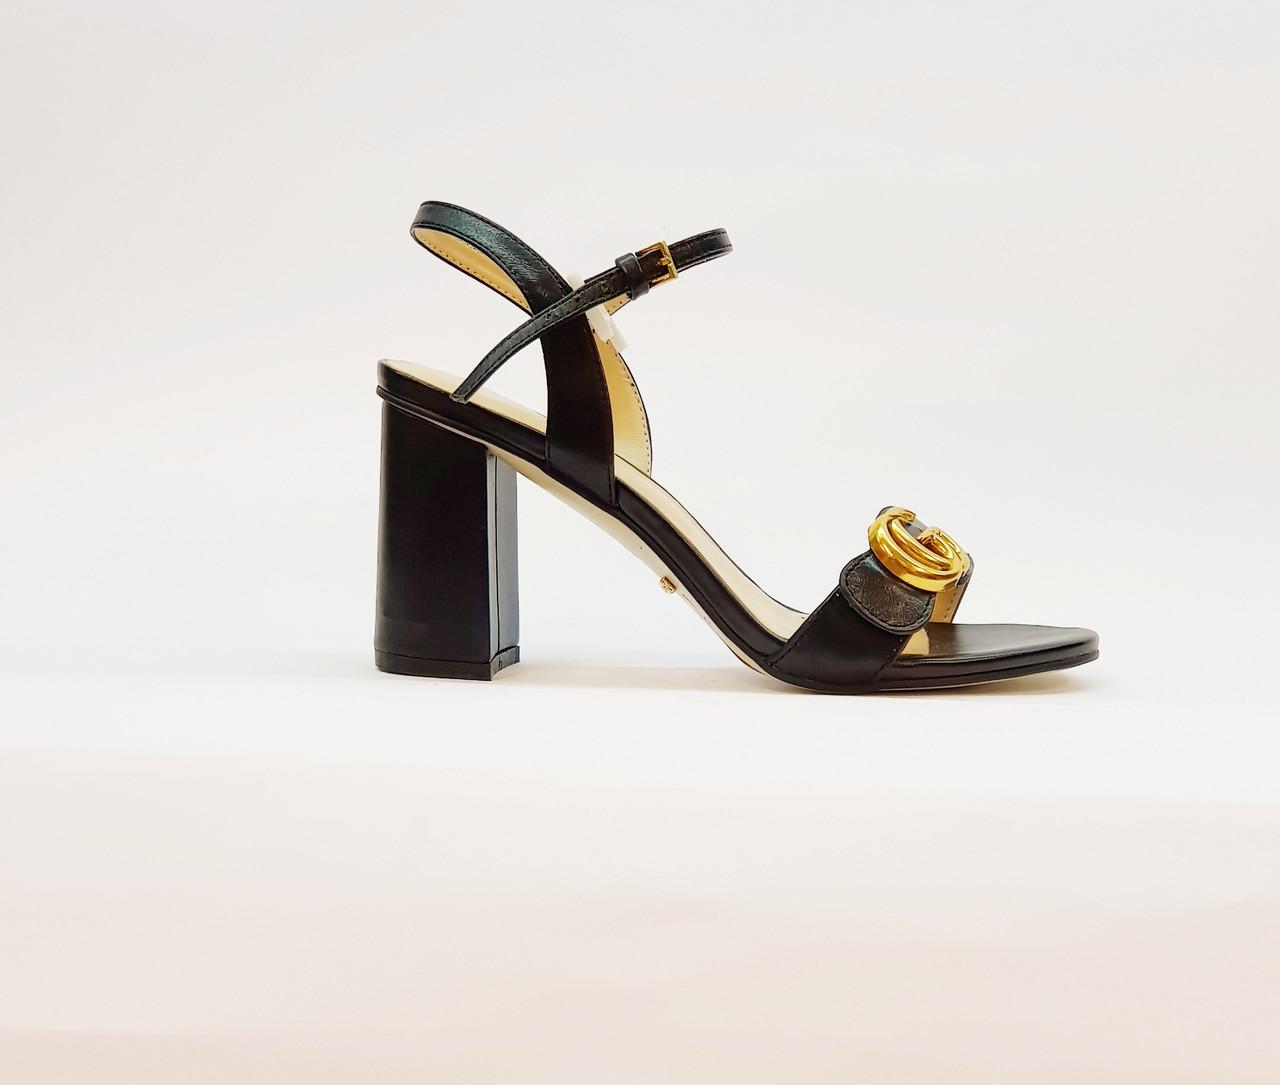 Босоножки женские из натуральной кожи на высоком каблуке столбик черные